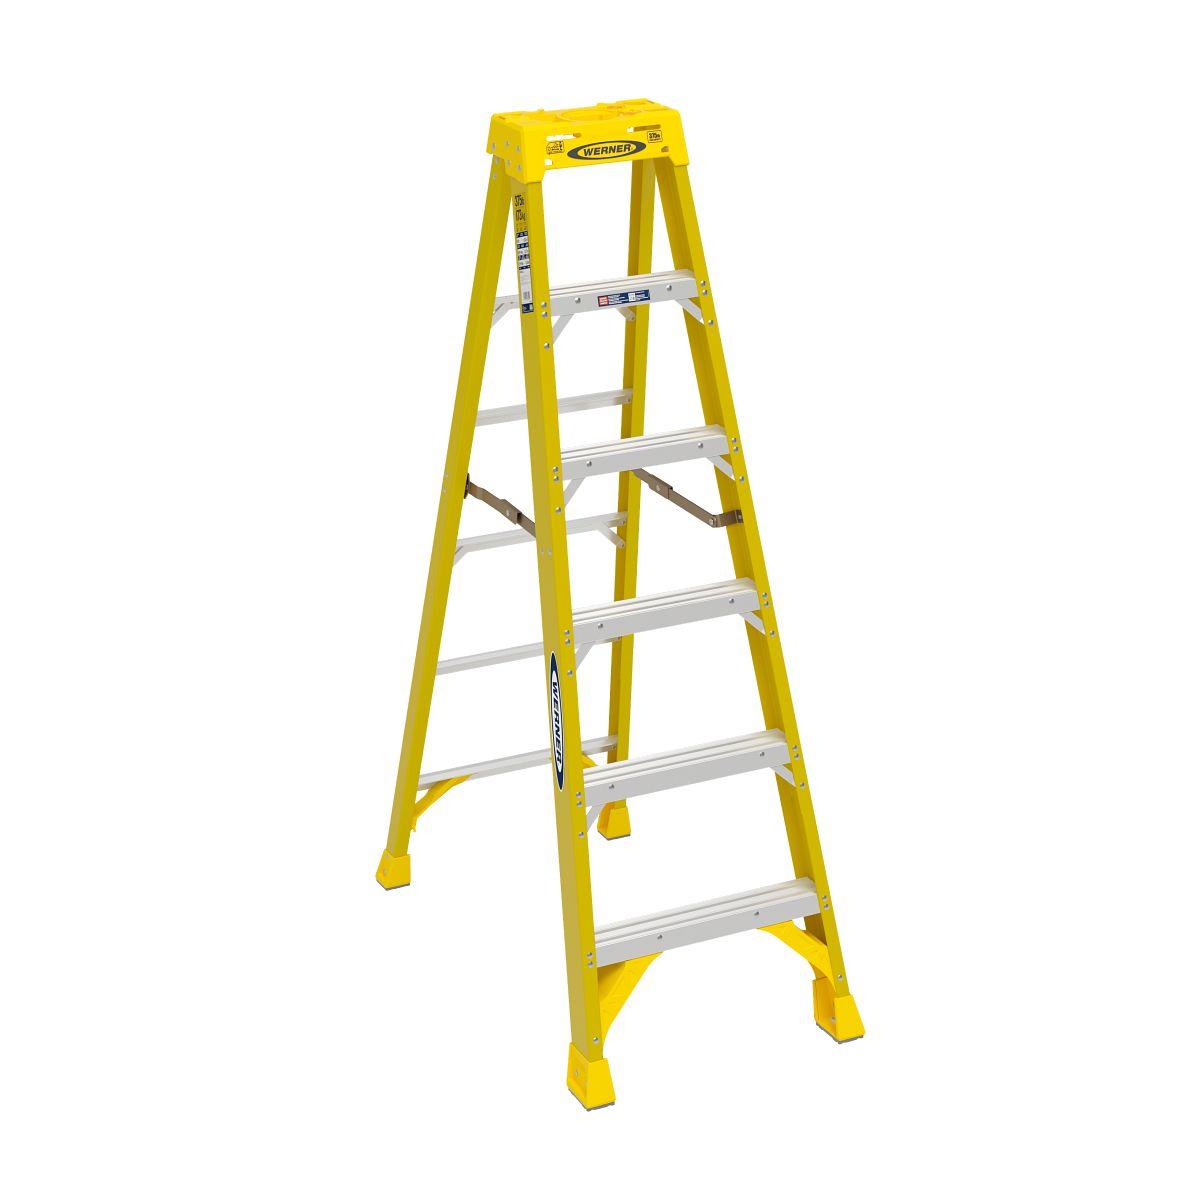 6306 Step Ladders Werner Us